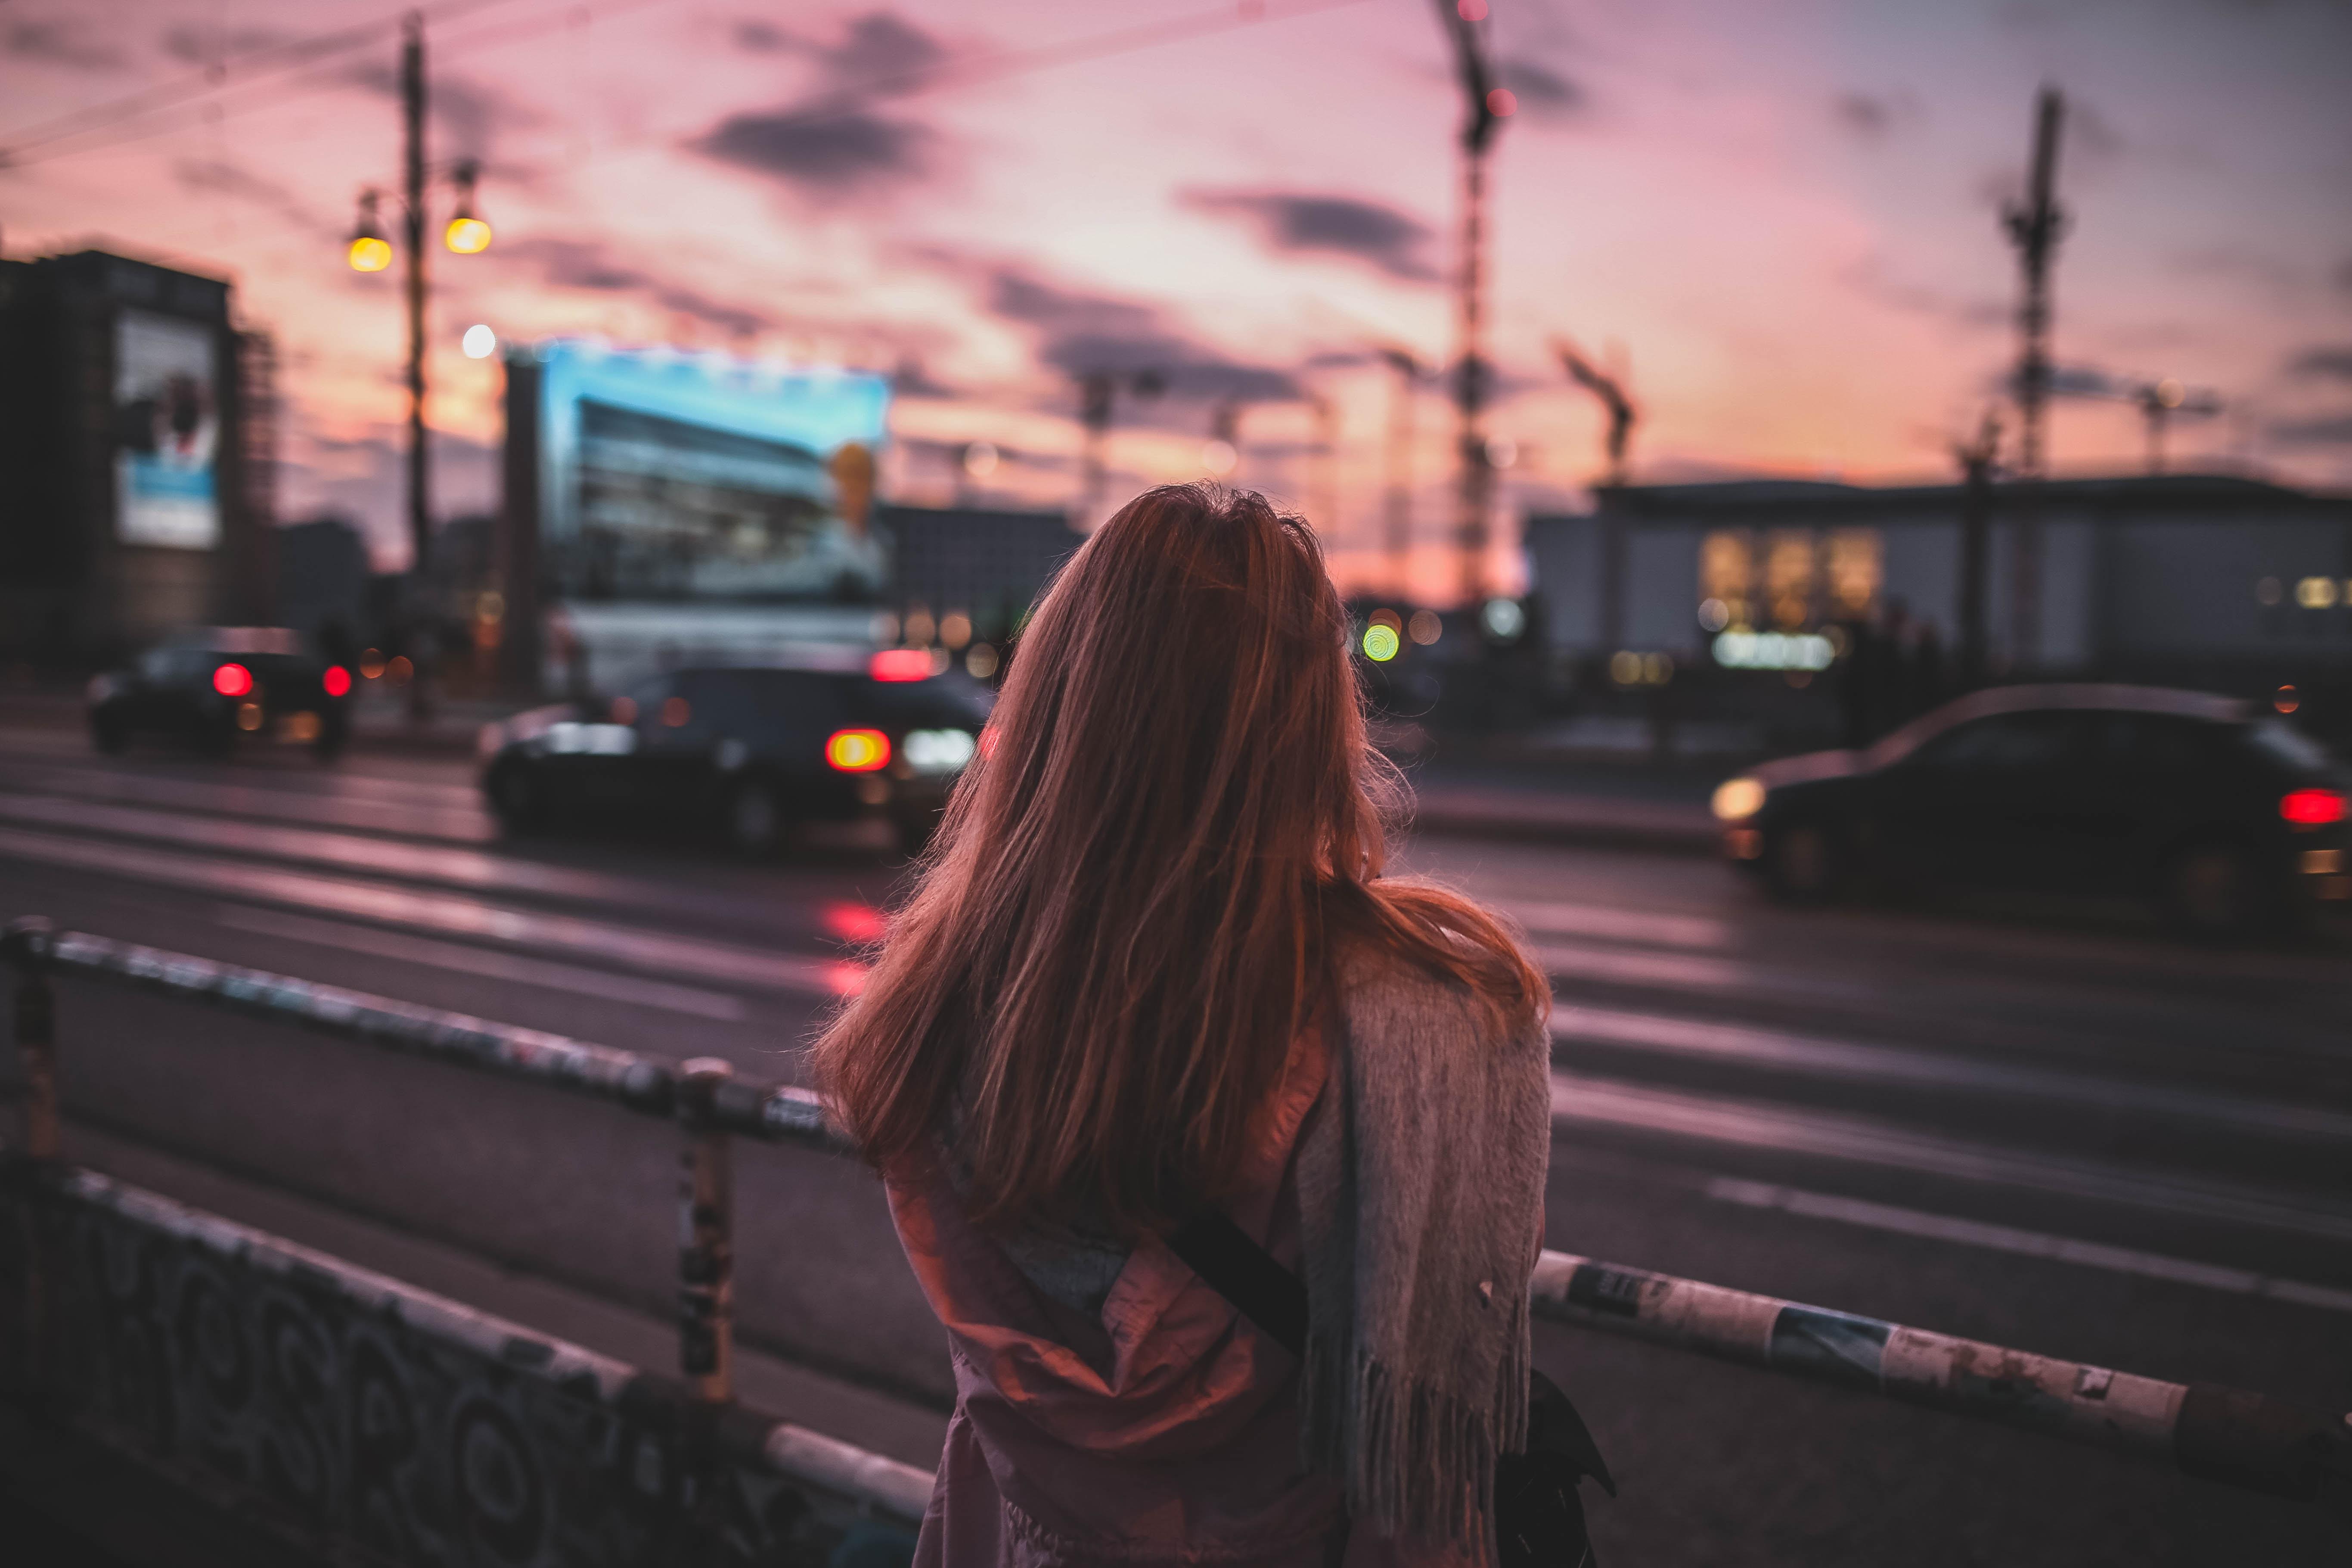 frammenti di Breakable e della sua storia con l'anoressia